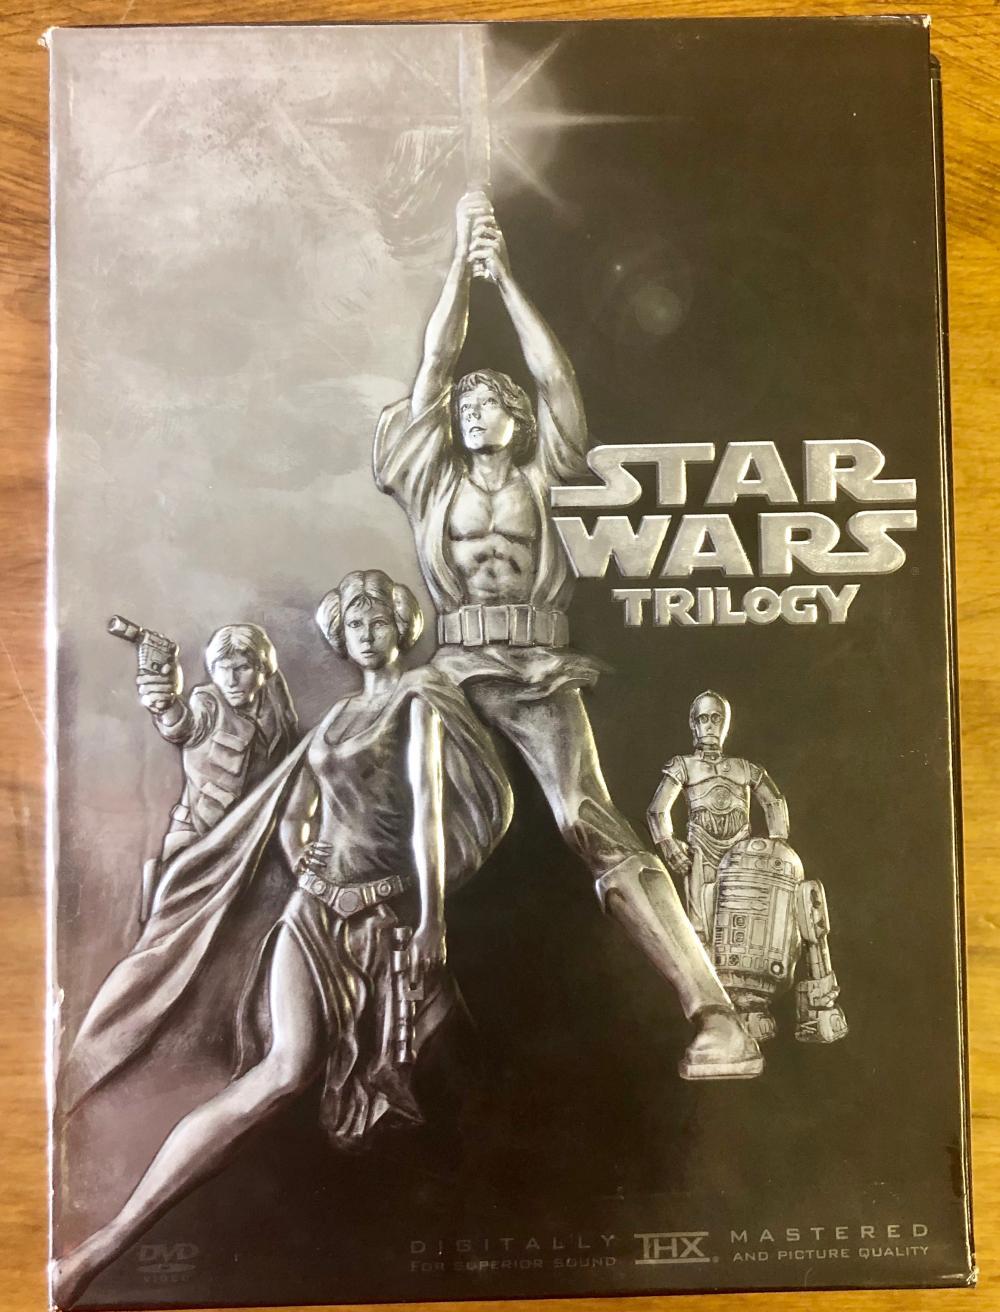 2004 STAR WARS TRILOGY WIDESCREEN DIGITAL (4) DVD SET